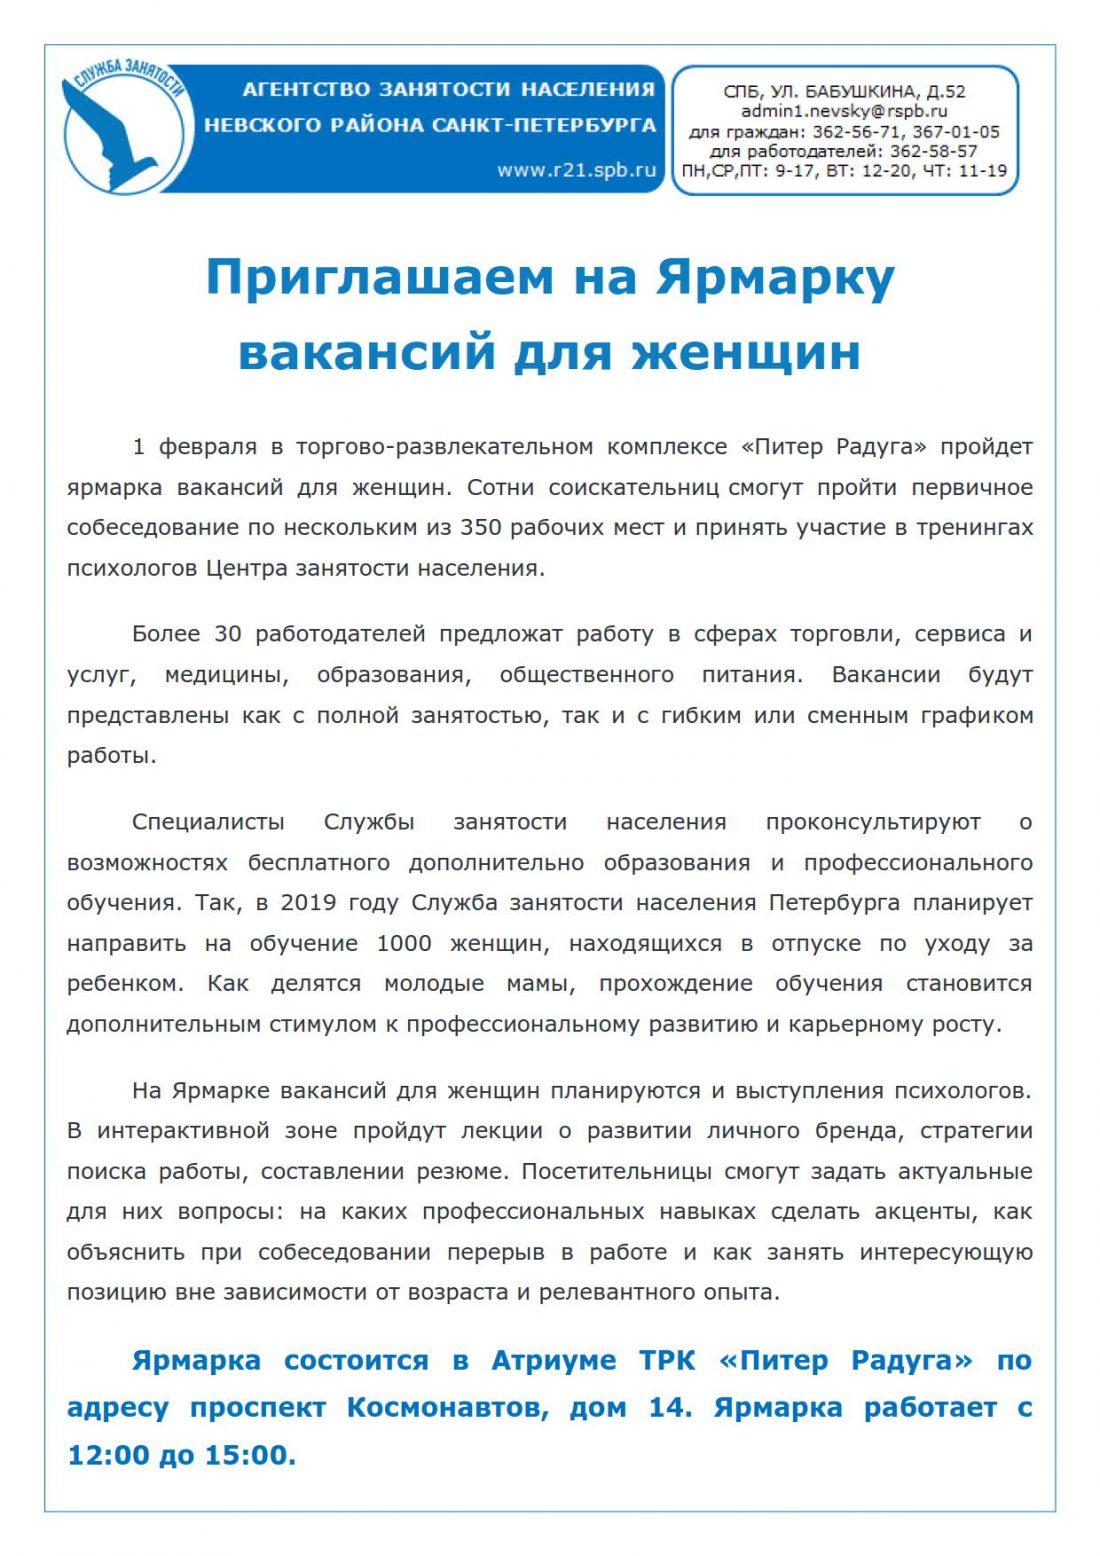 Ярмарка вакансий для женщин 01.02.2019_1